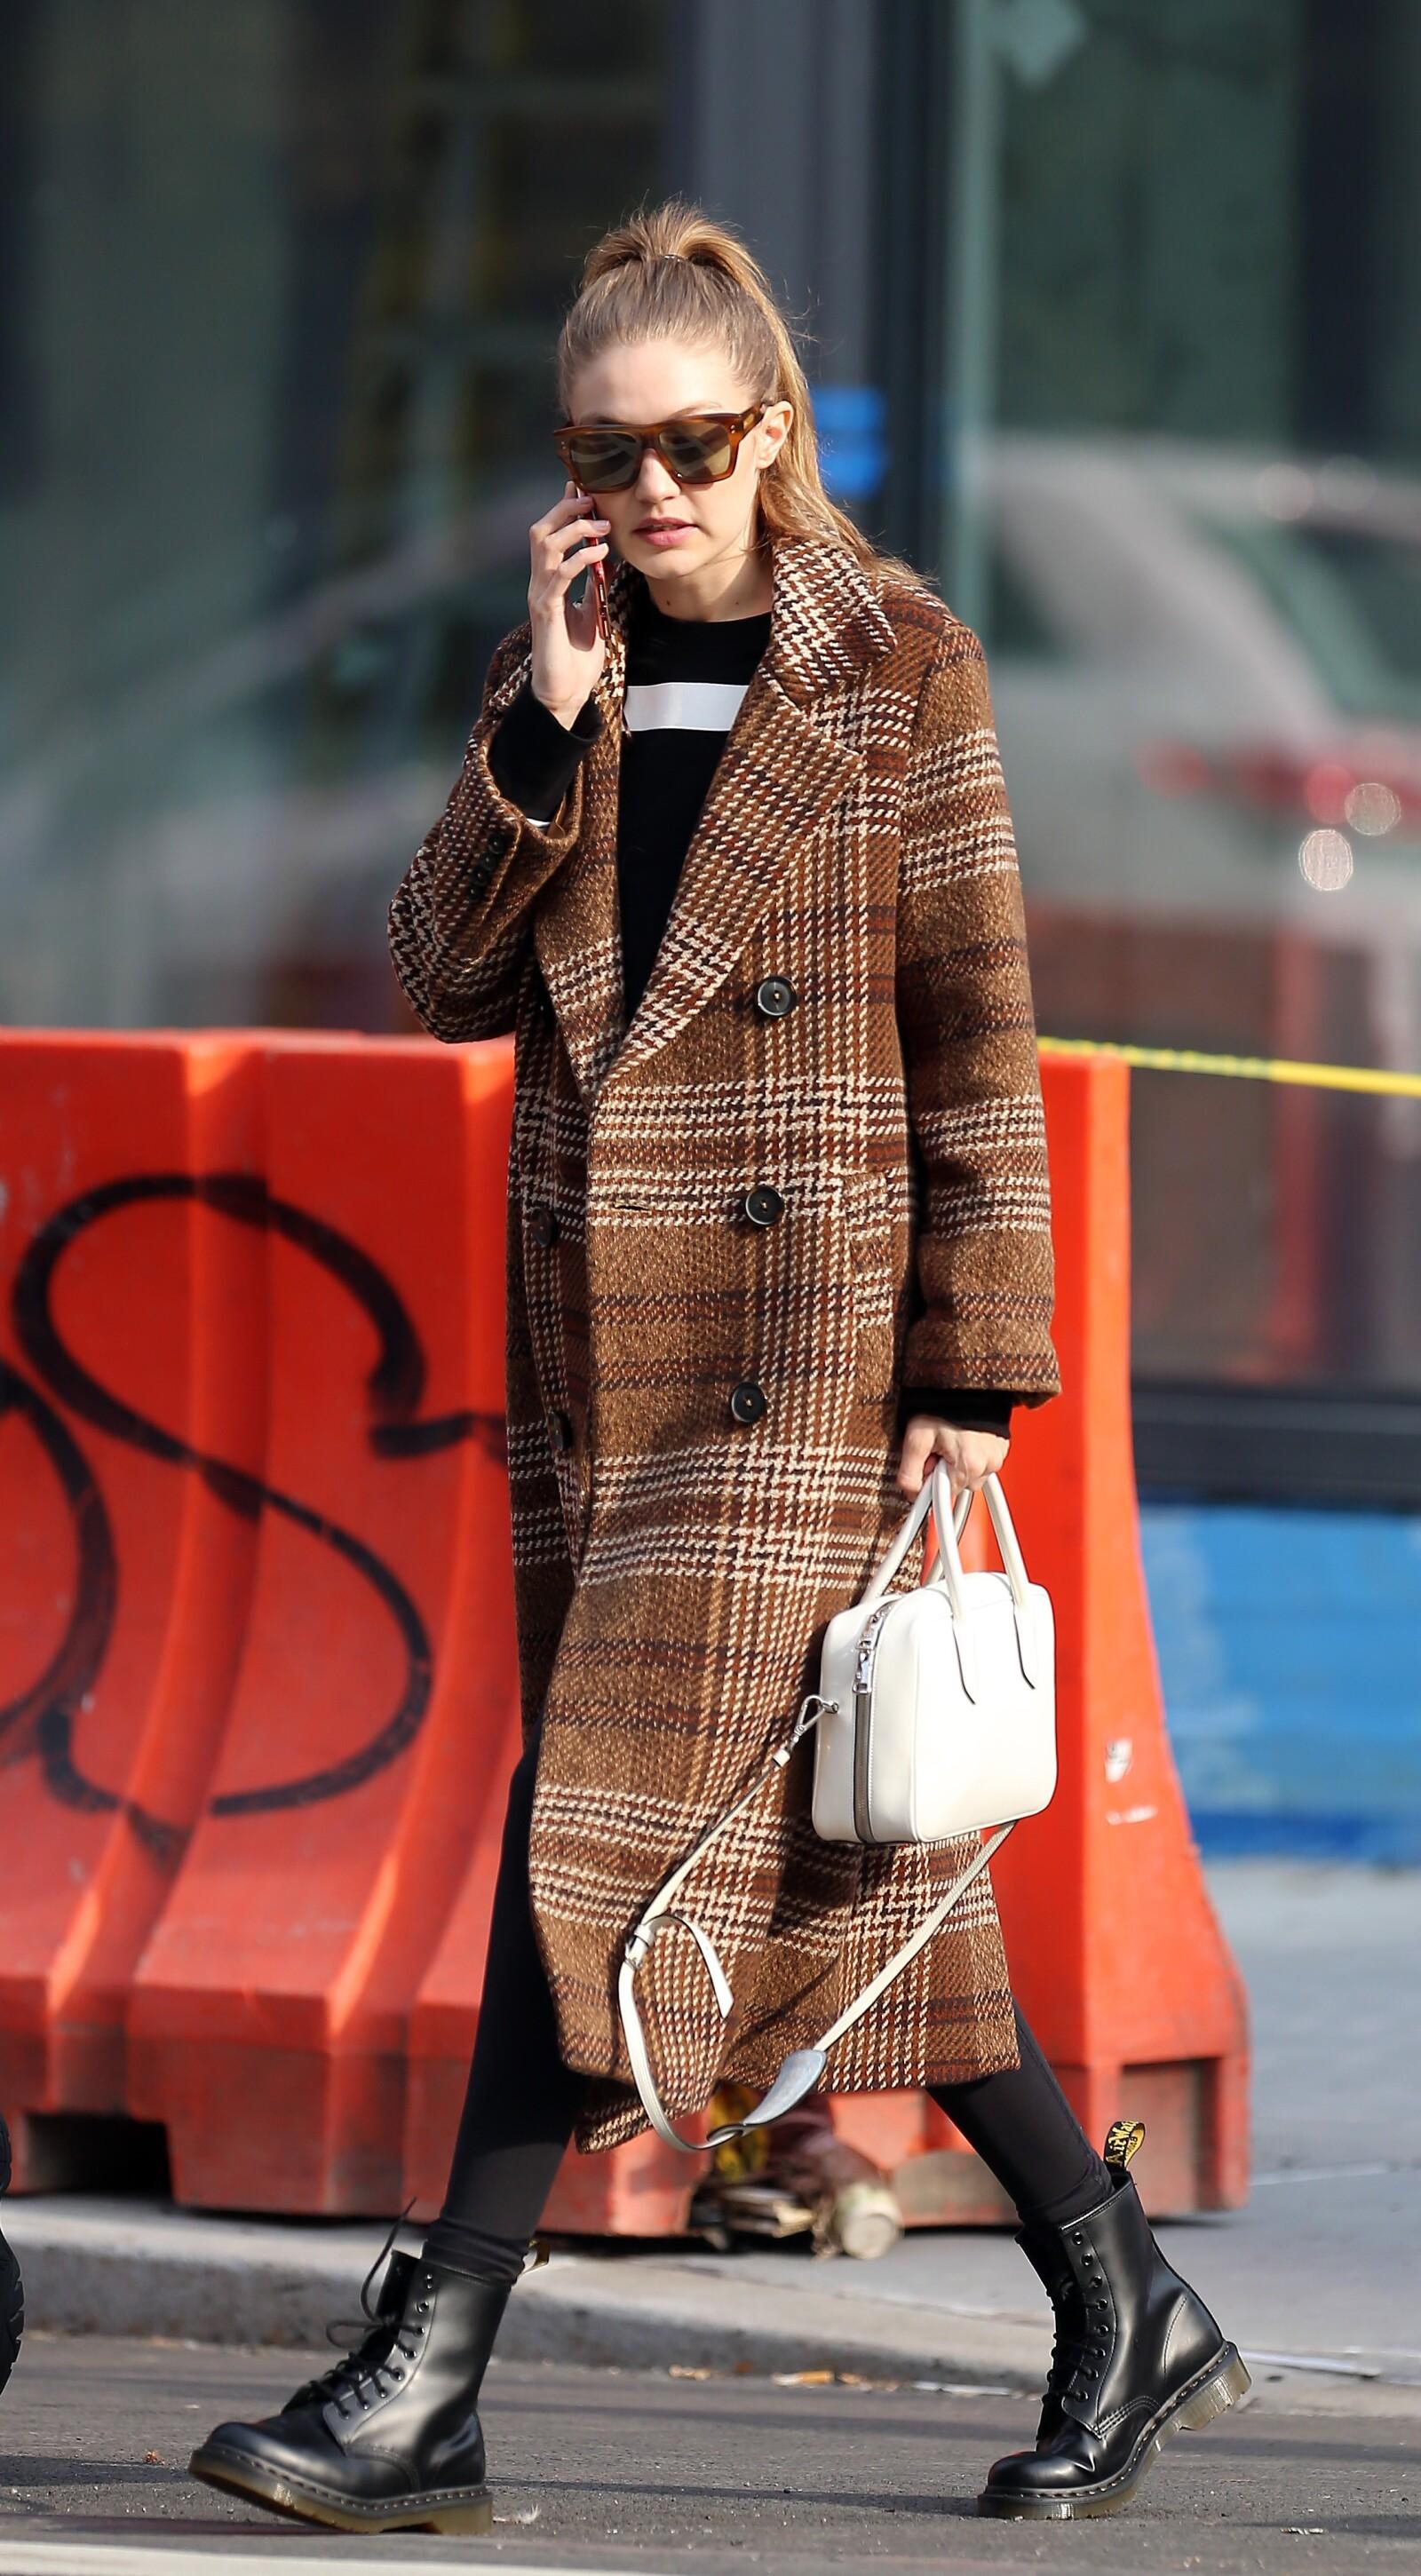 El look de otoño de Gigi Hadid